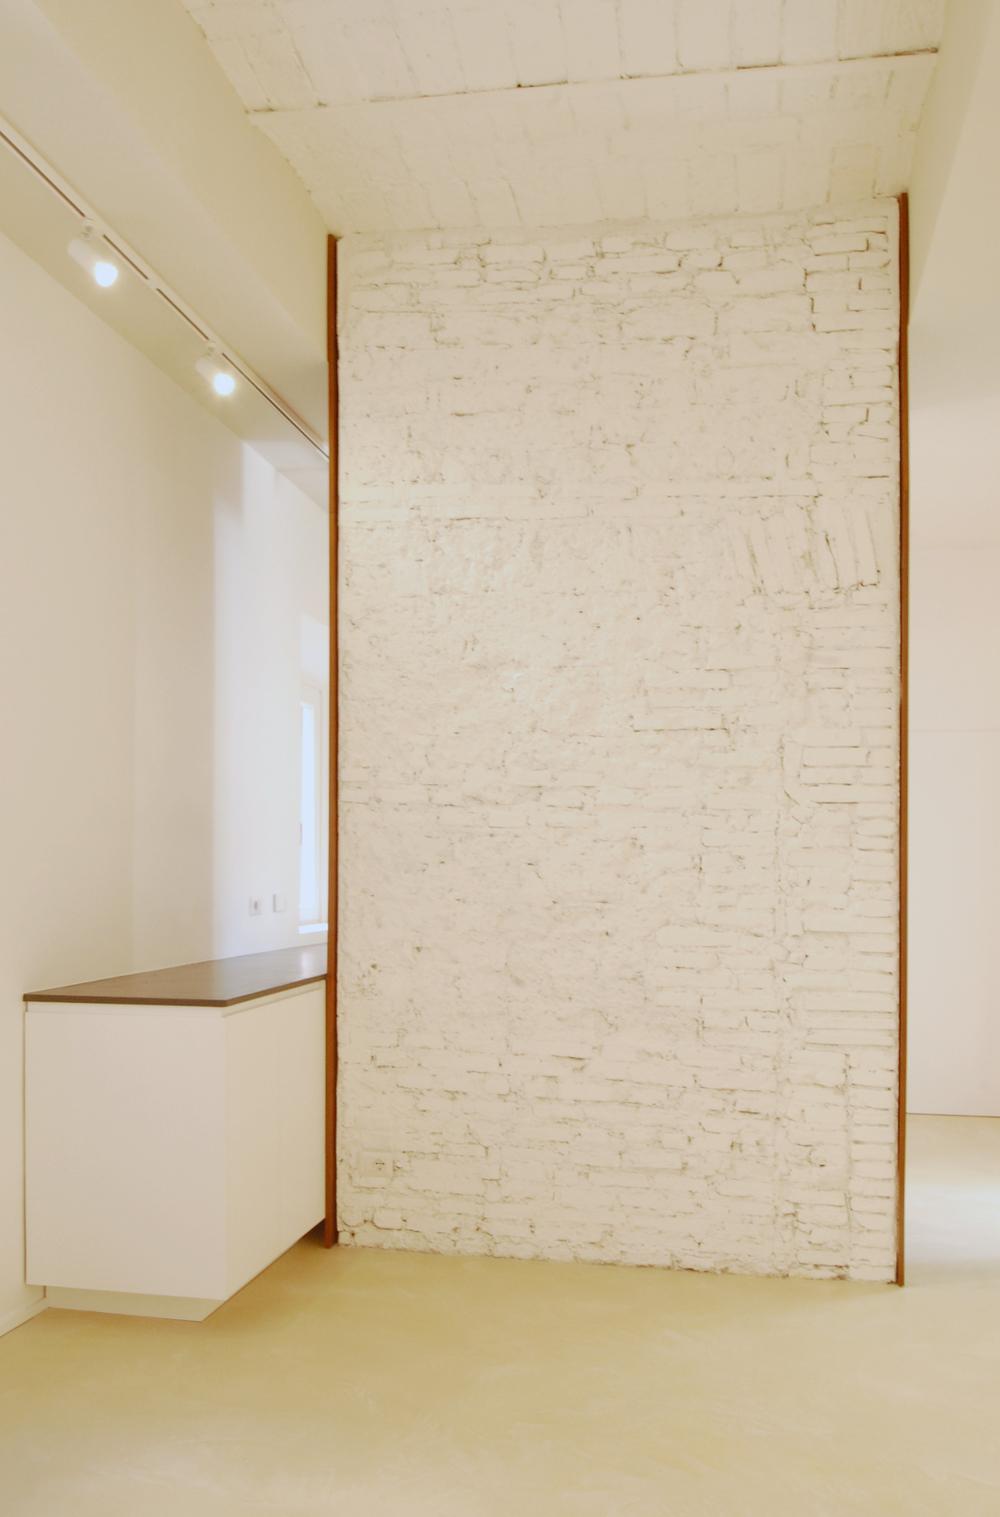 La visuale di entrata, con il setto in muratura a vista in primo piano a dividere la zona living dalla cucina. La sua larghezza misura anche la porzione di soffitto a voltine riportato alla luce.